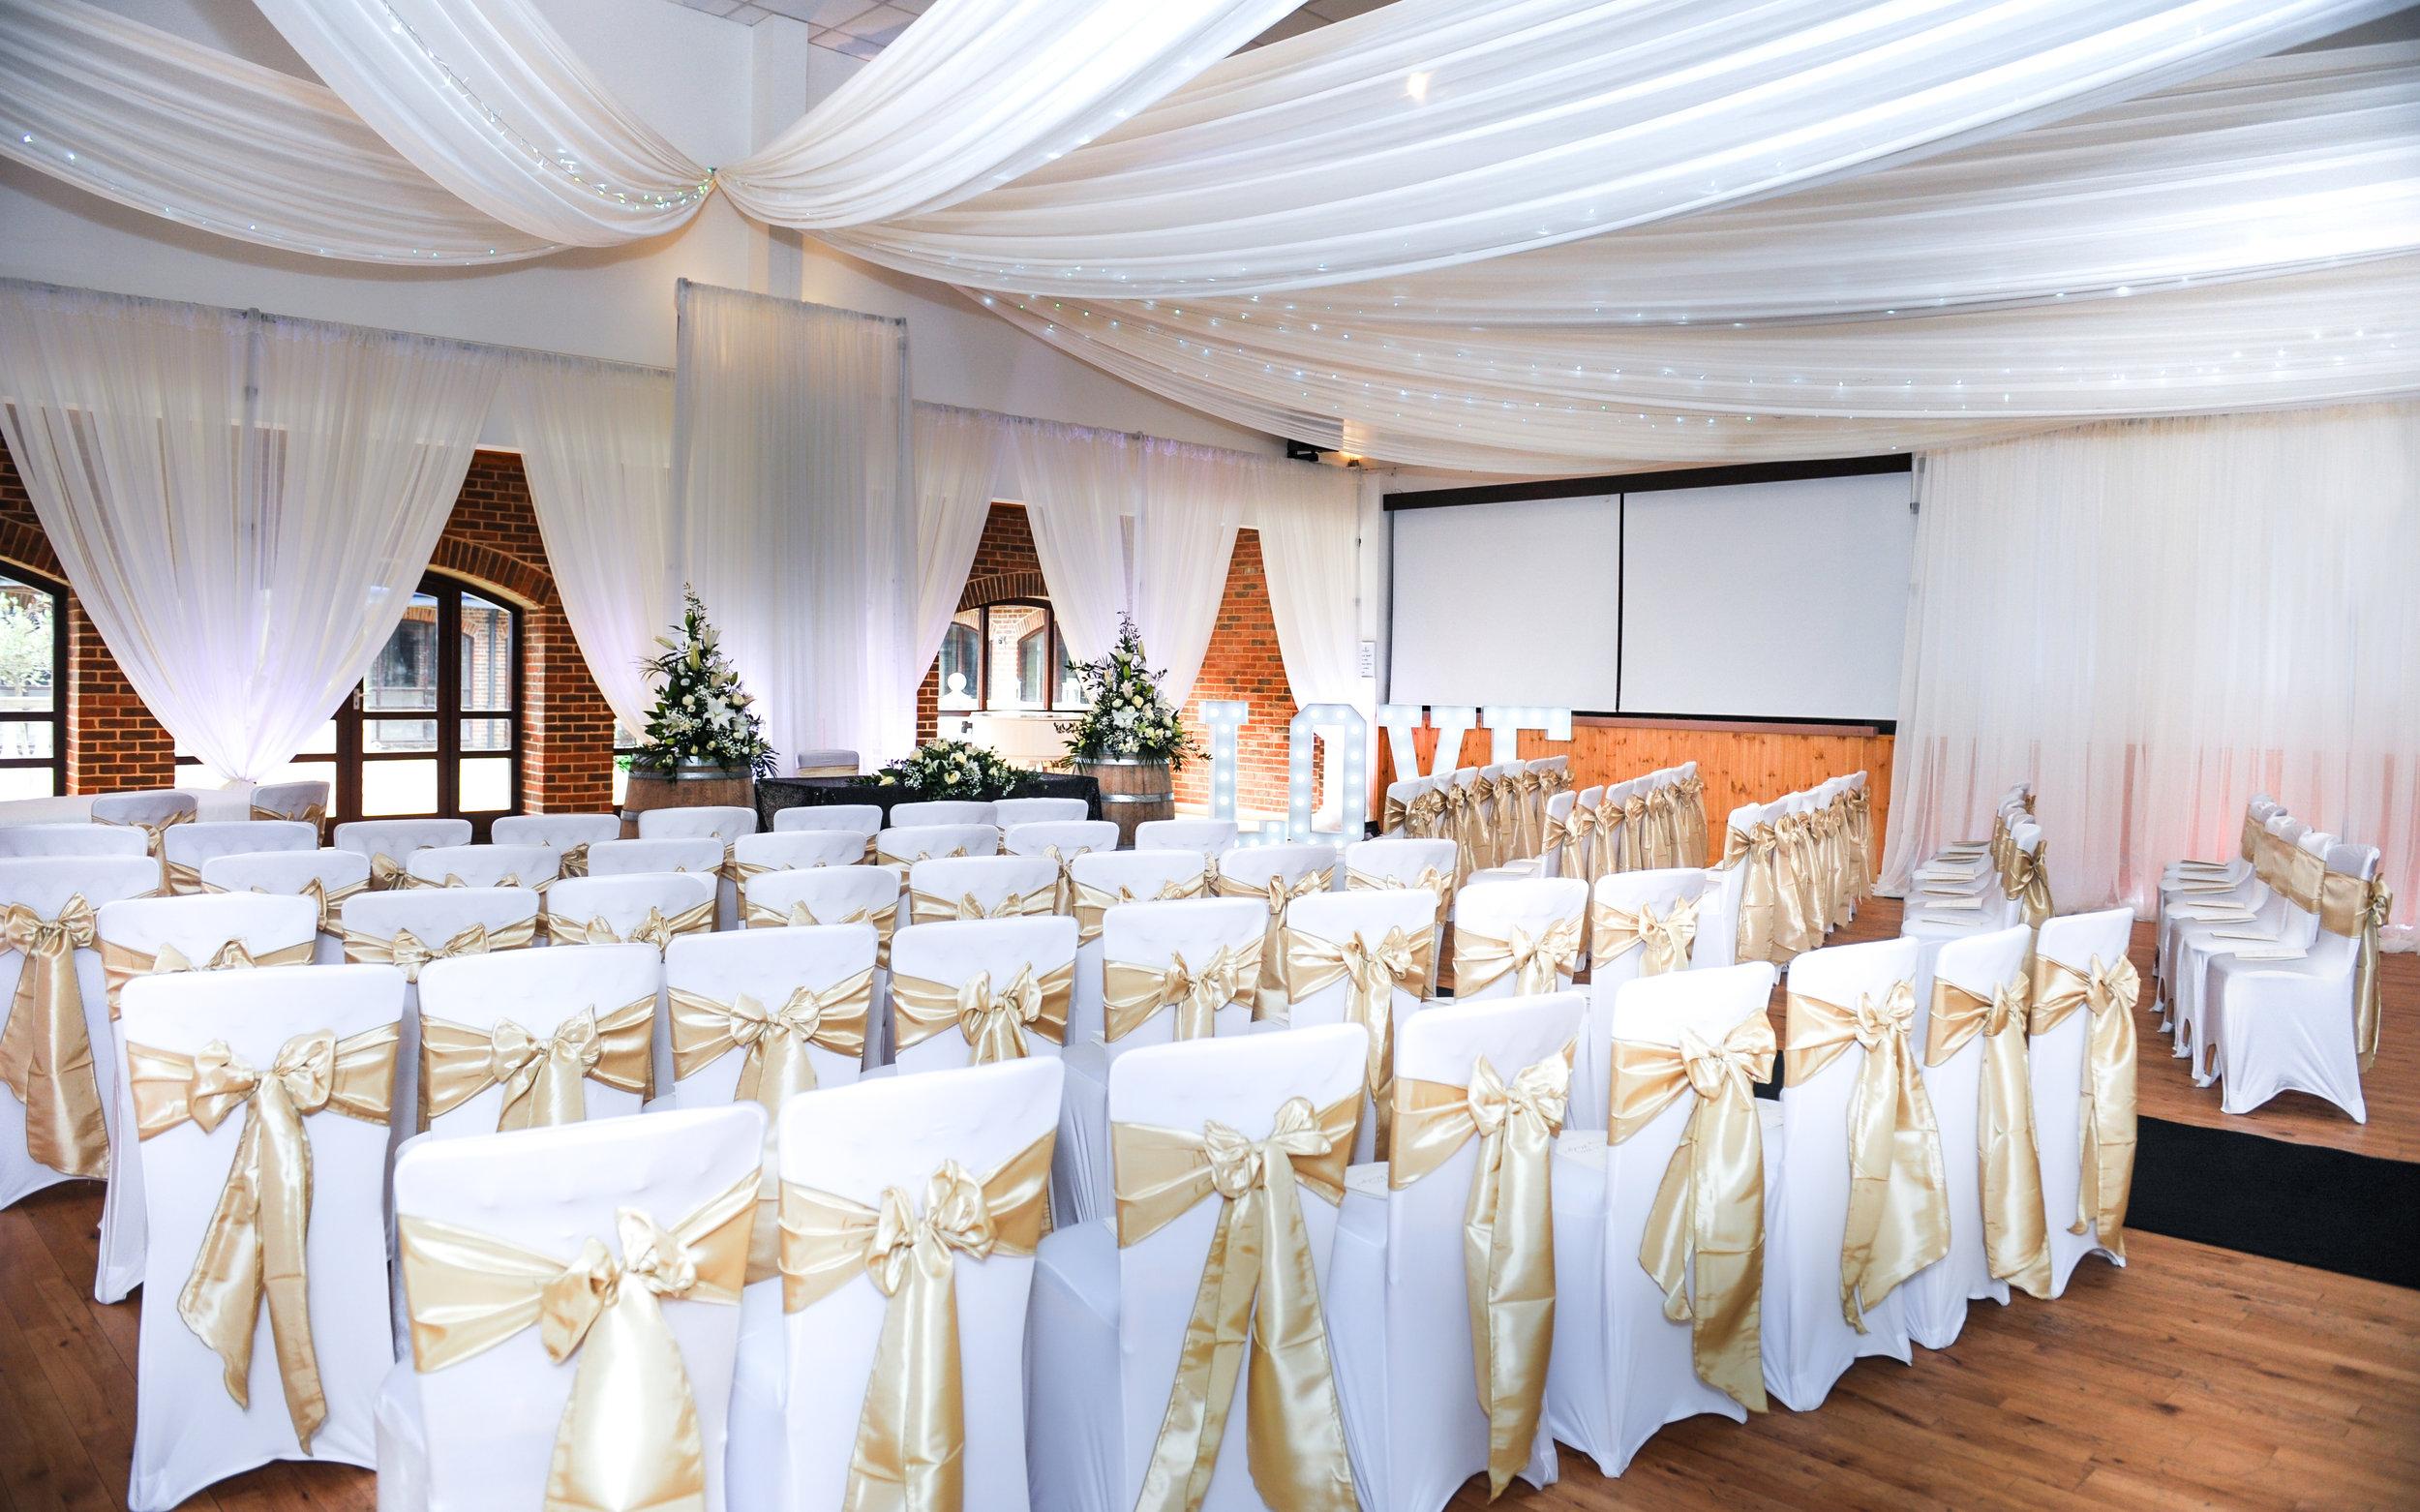 reveries-events-weddings-denbies.jpg